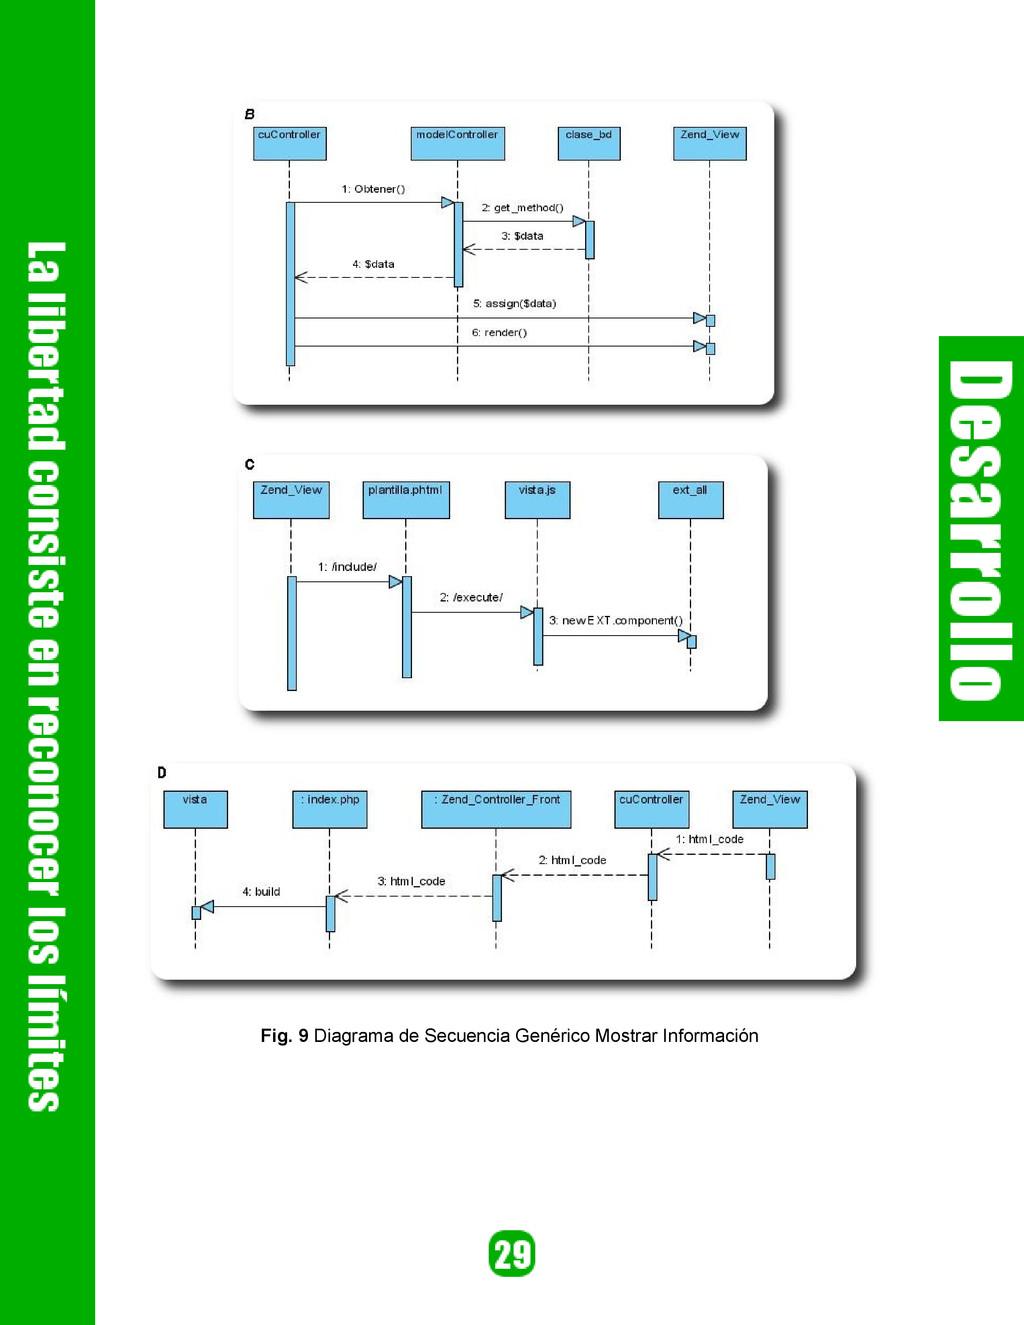 Fig. 9 Diagrama de Secuencia Genérico Mostrar I...